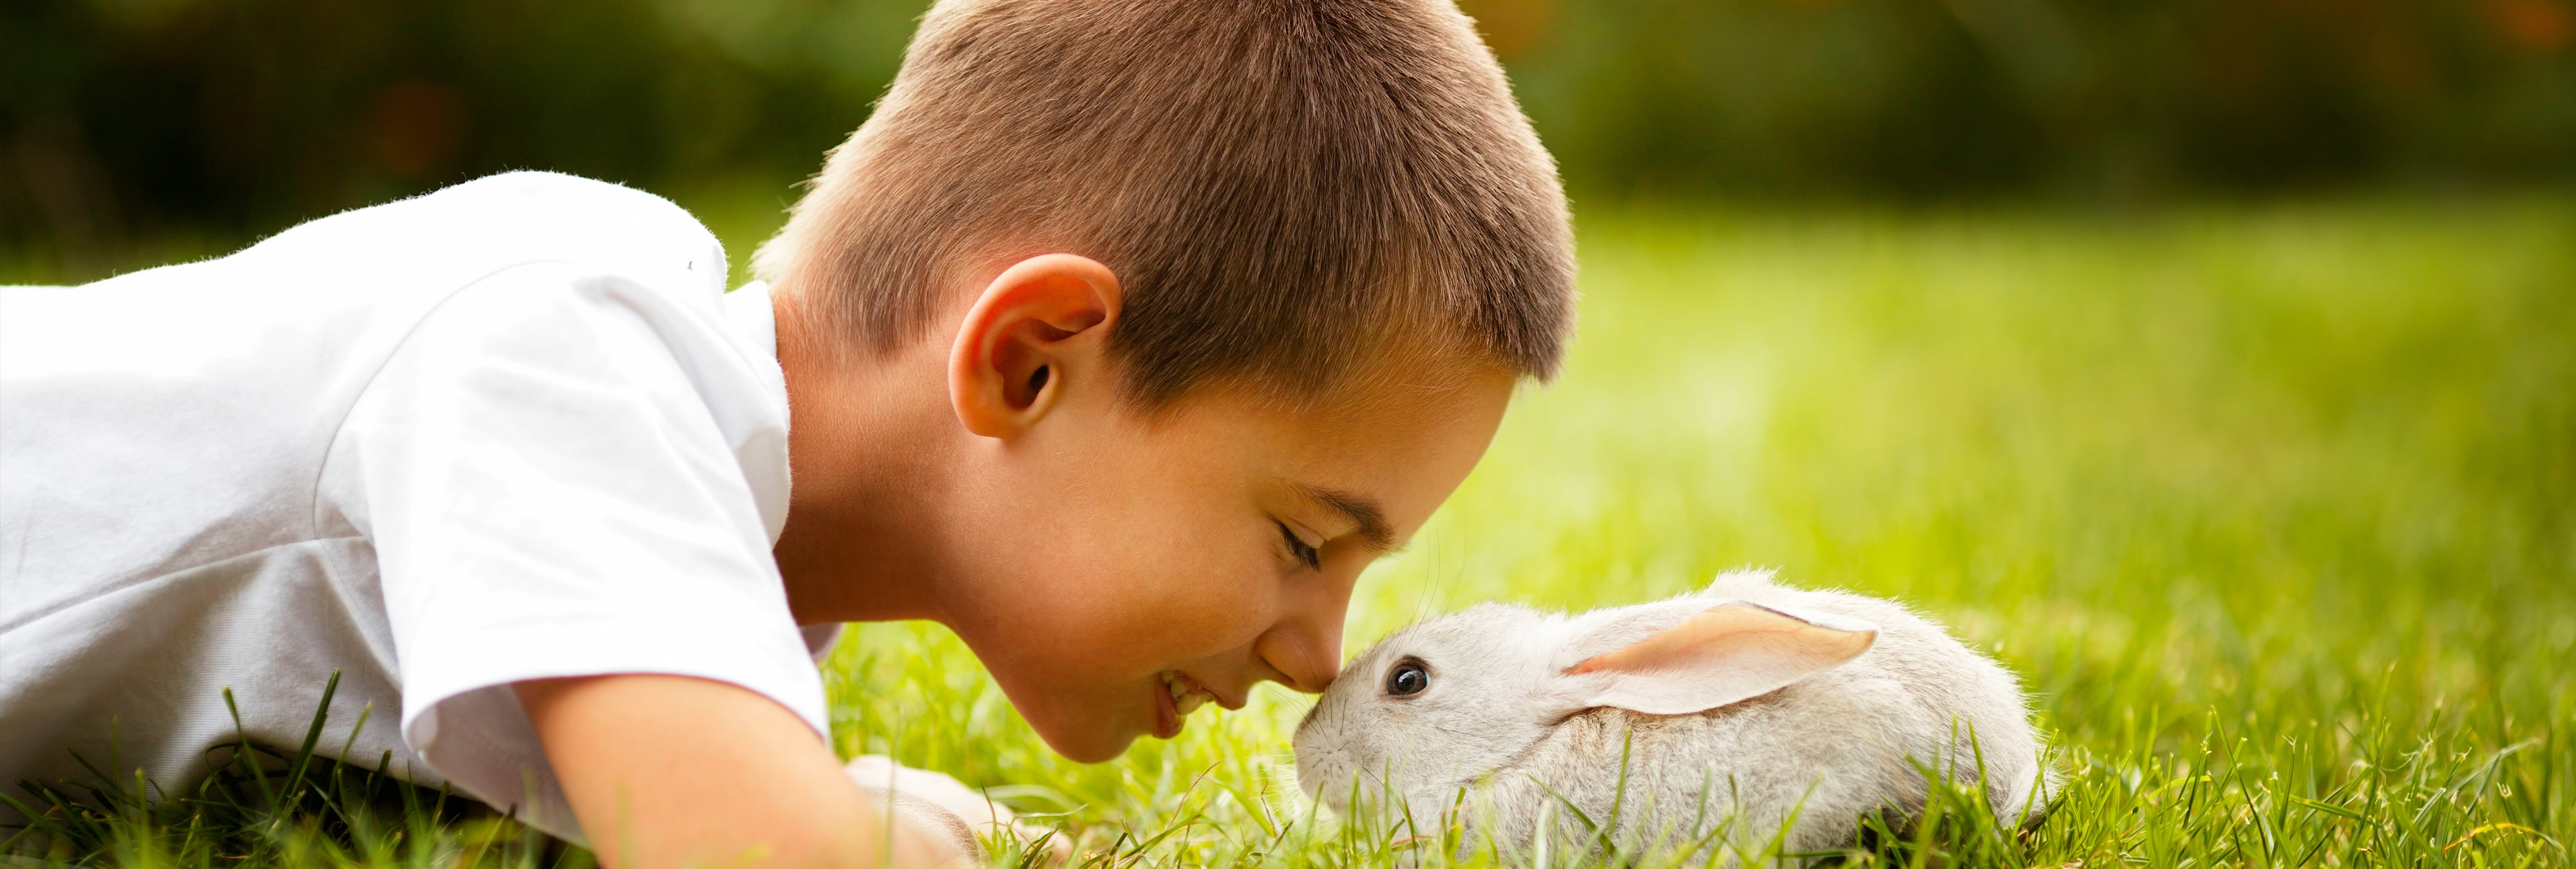 """""""Respeto a los animales"""": Así es la asignatura que ya imparten algunos colegios españoles"""